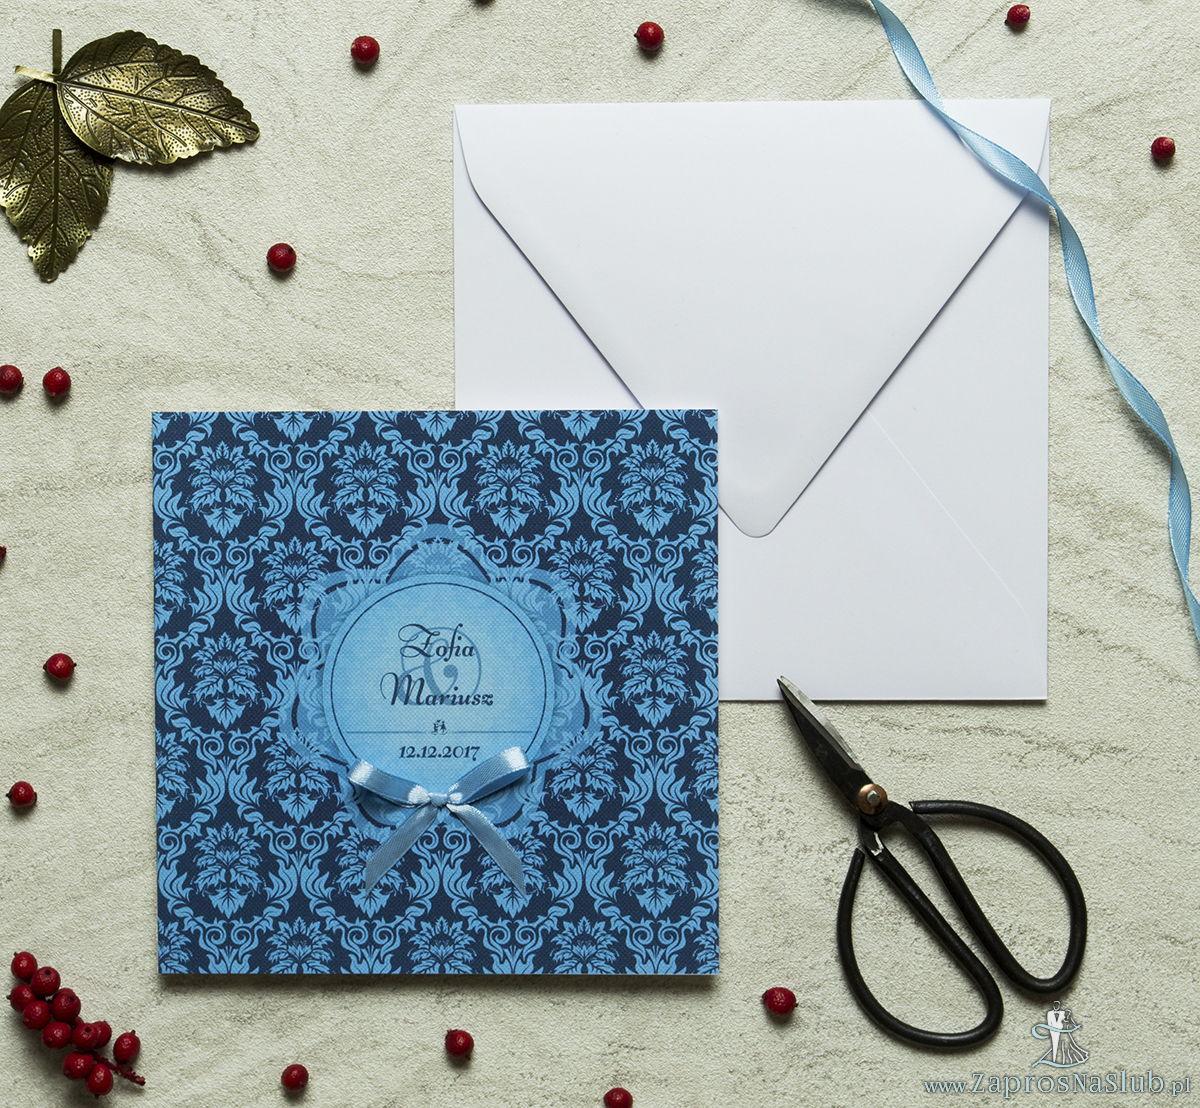 Zaproszenia designerskie - niebieski motyw barokowy z błękitnym motywem kwiatowym oraz satynową kokardką. ZAP-11-03